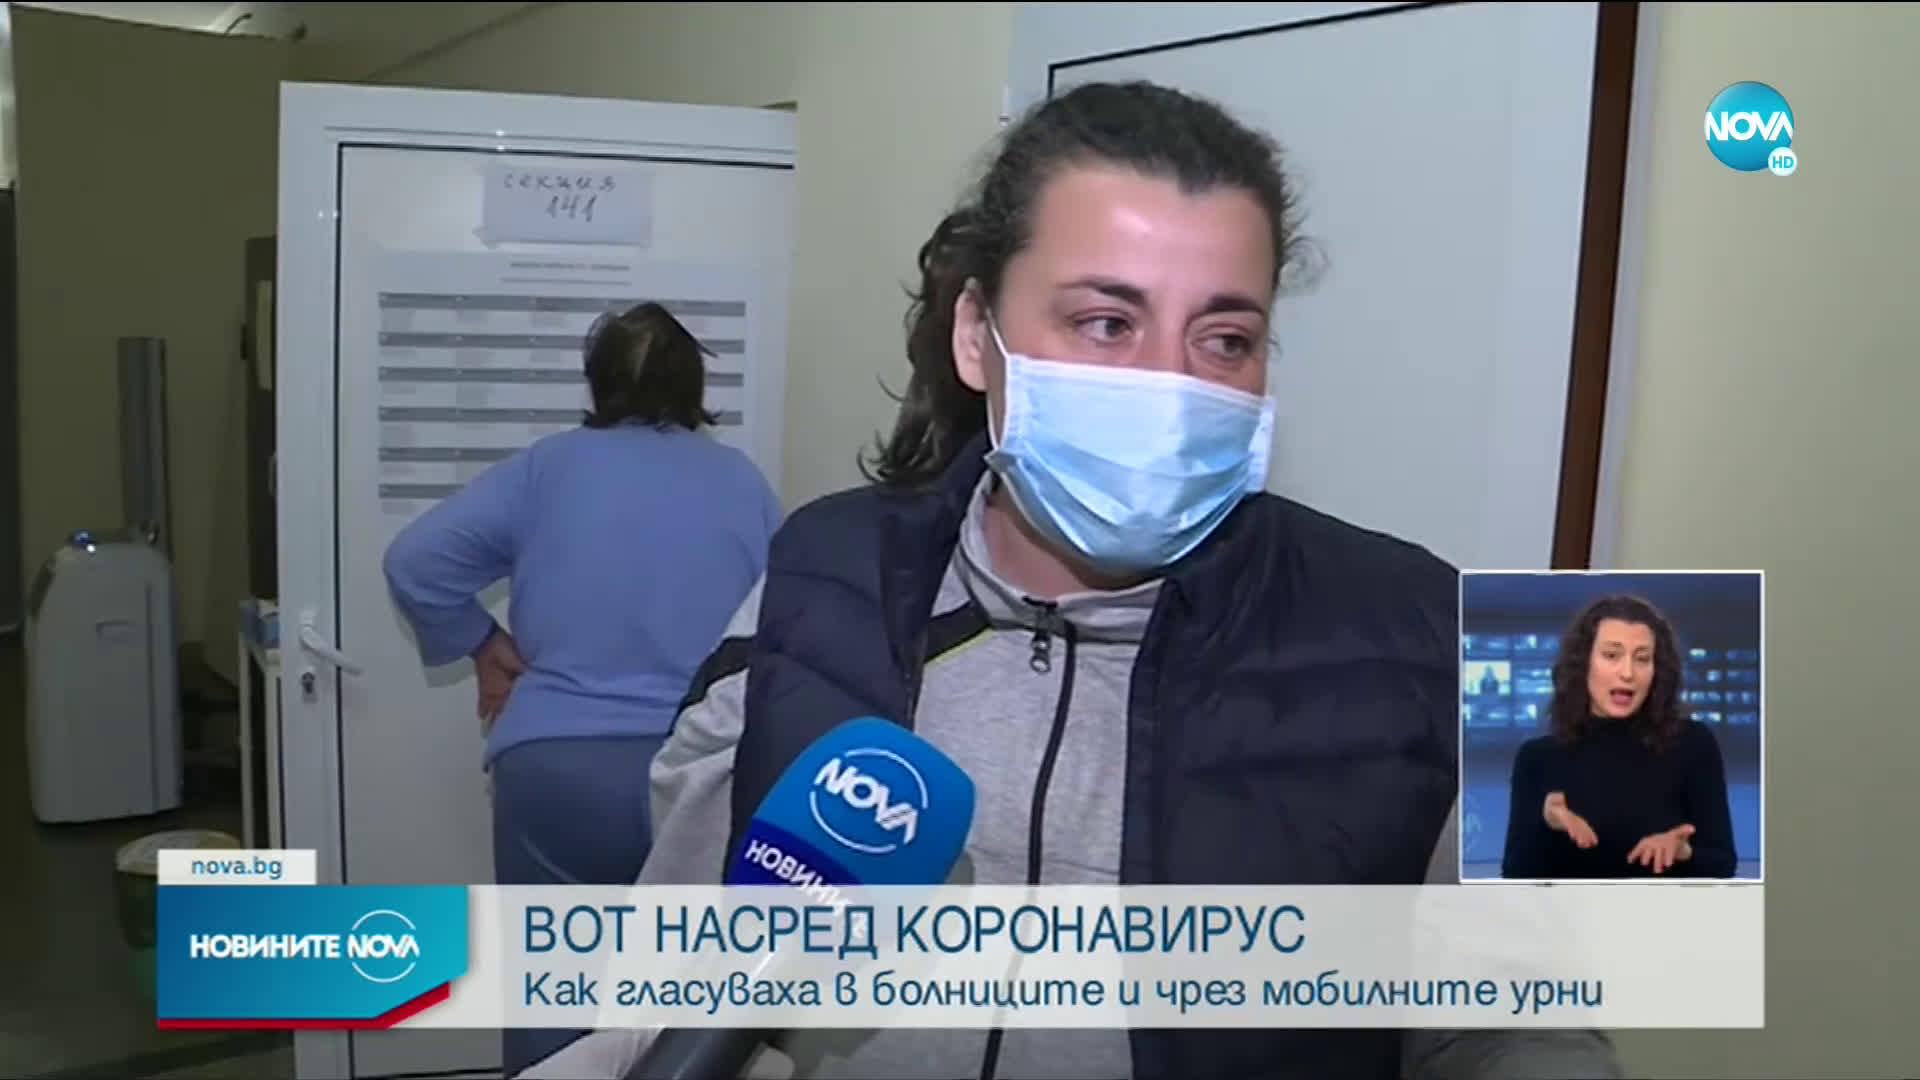 Как гласуваха в болниците и чрез мобилните урни